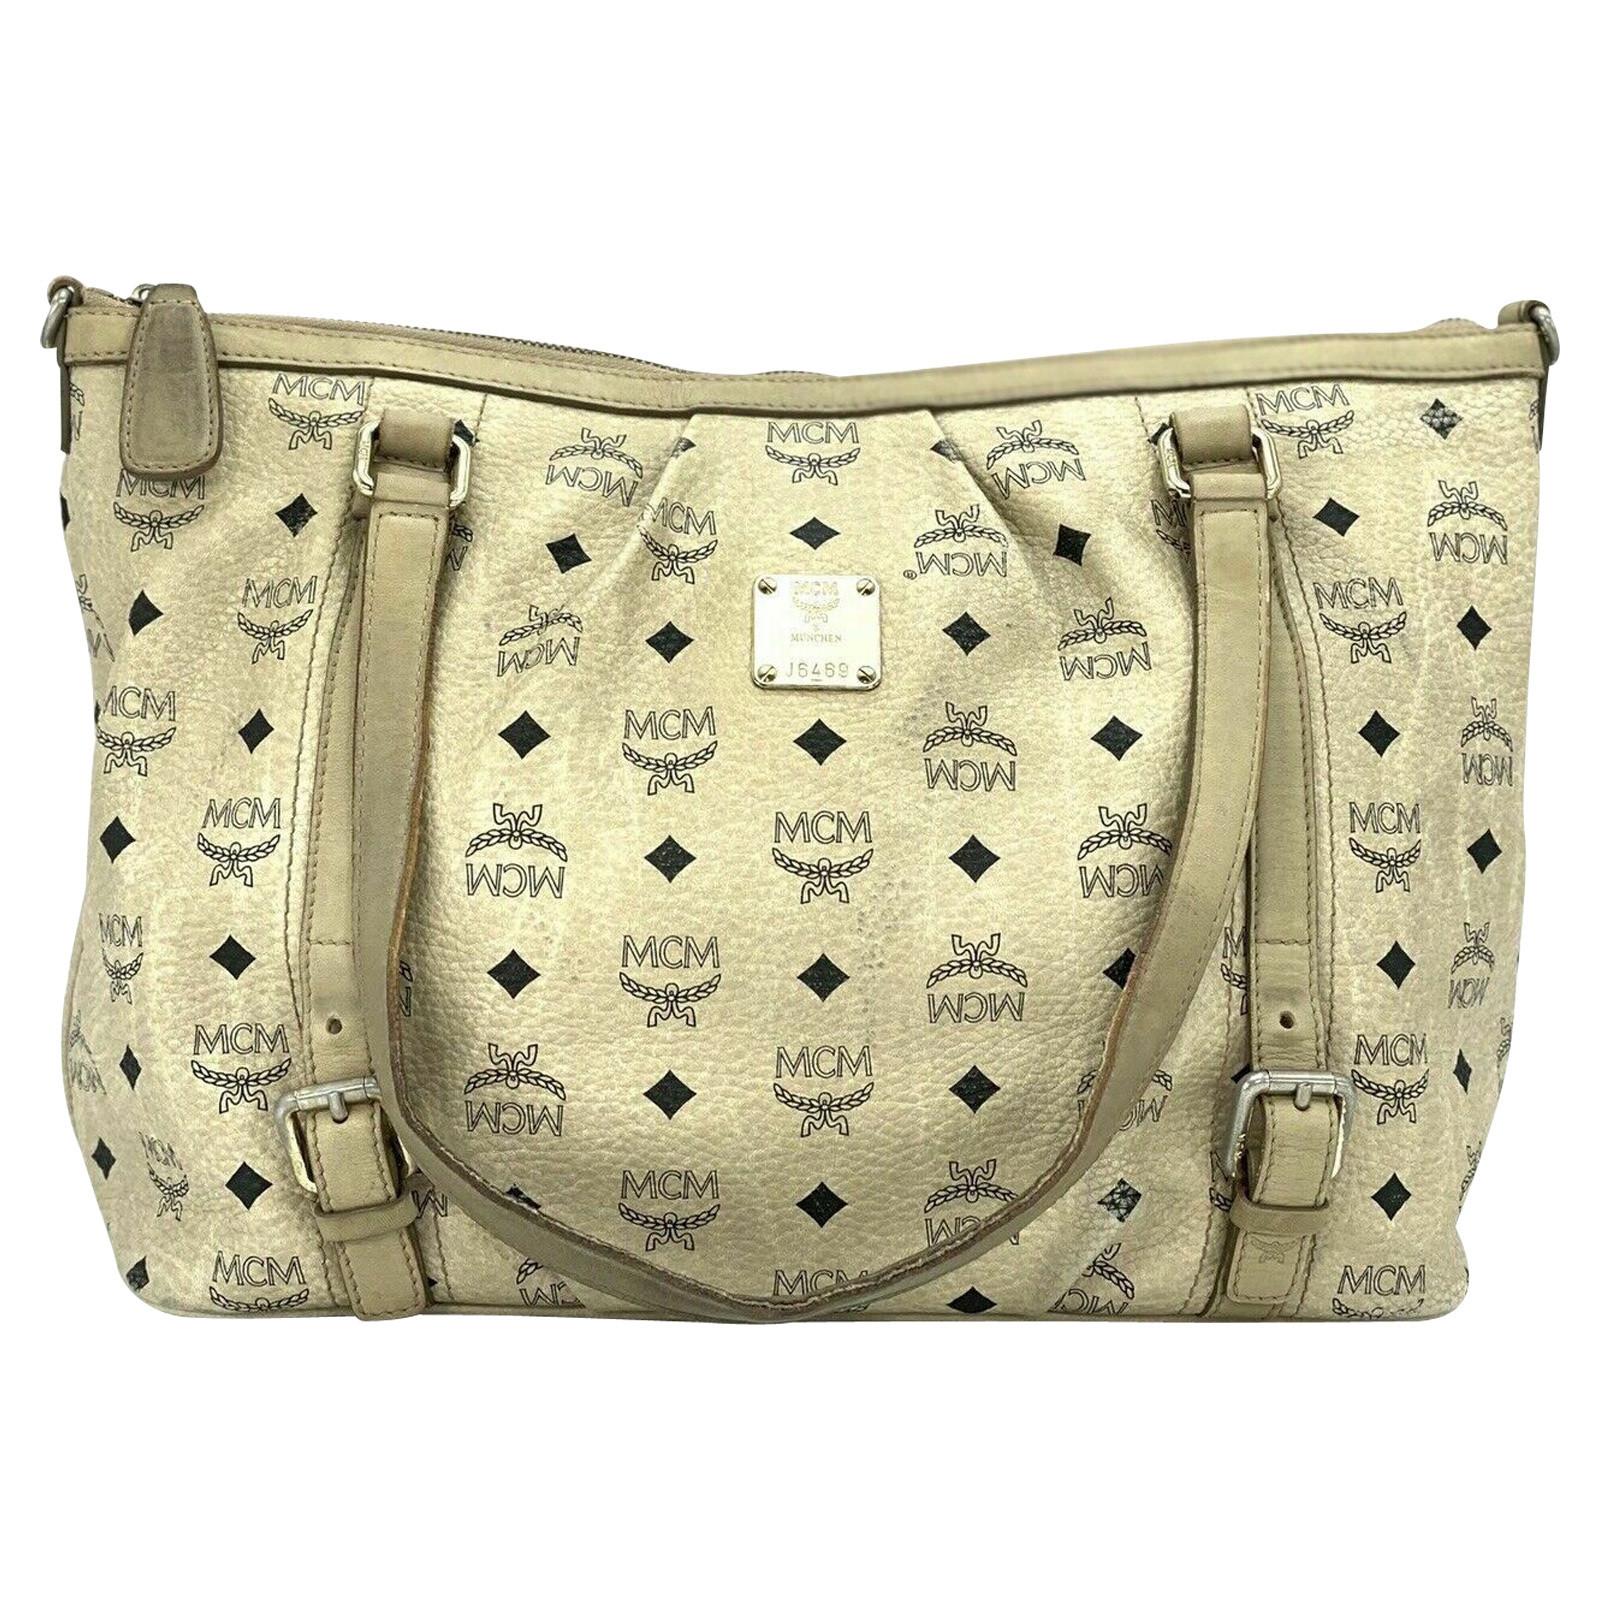 Mcm Handtasche in Creme Second Hand Mcm Handtasche in